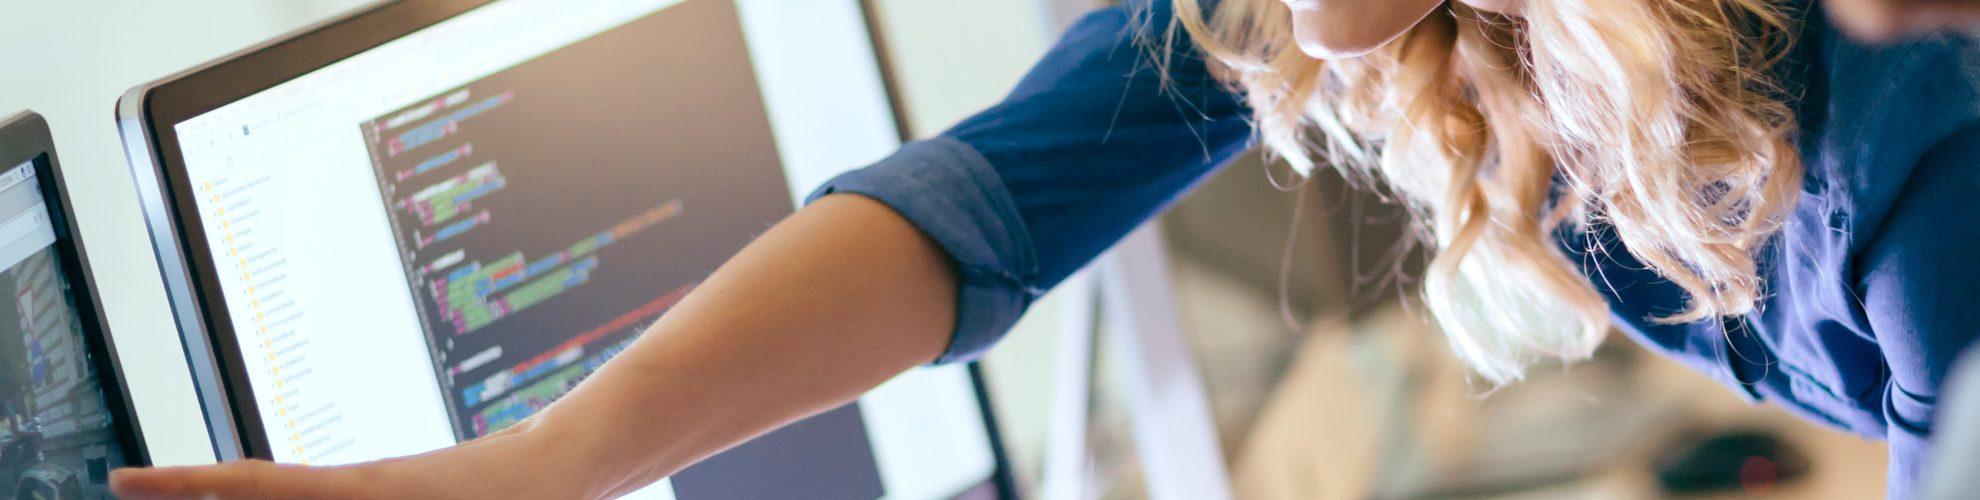 Le istruzioni dell'Agenzia delle Entrate e le modalità di trasmissione dei corrispettivi giornalieri per gli esercenti sprovvisti di registratore di cassa telematico, con invio diretto o tramite commercialista intermediario abilitato al Sistema di Interscambio.